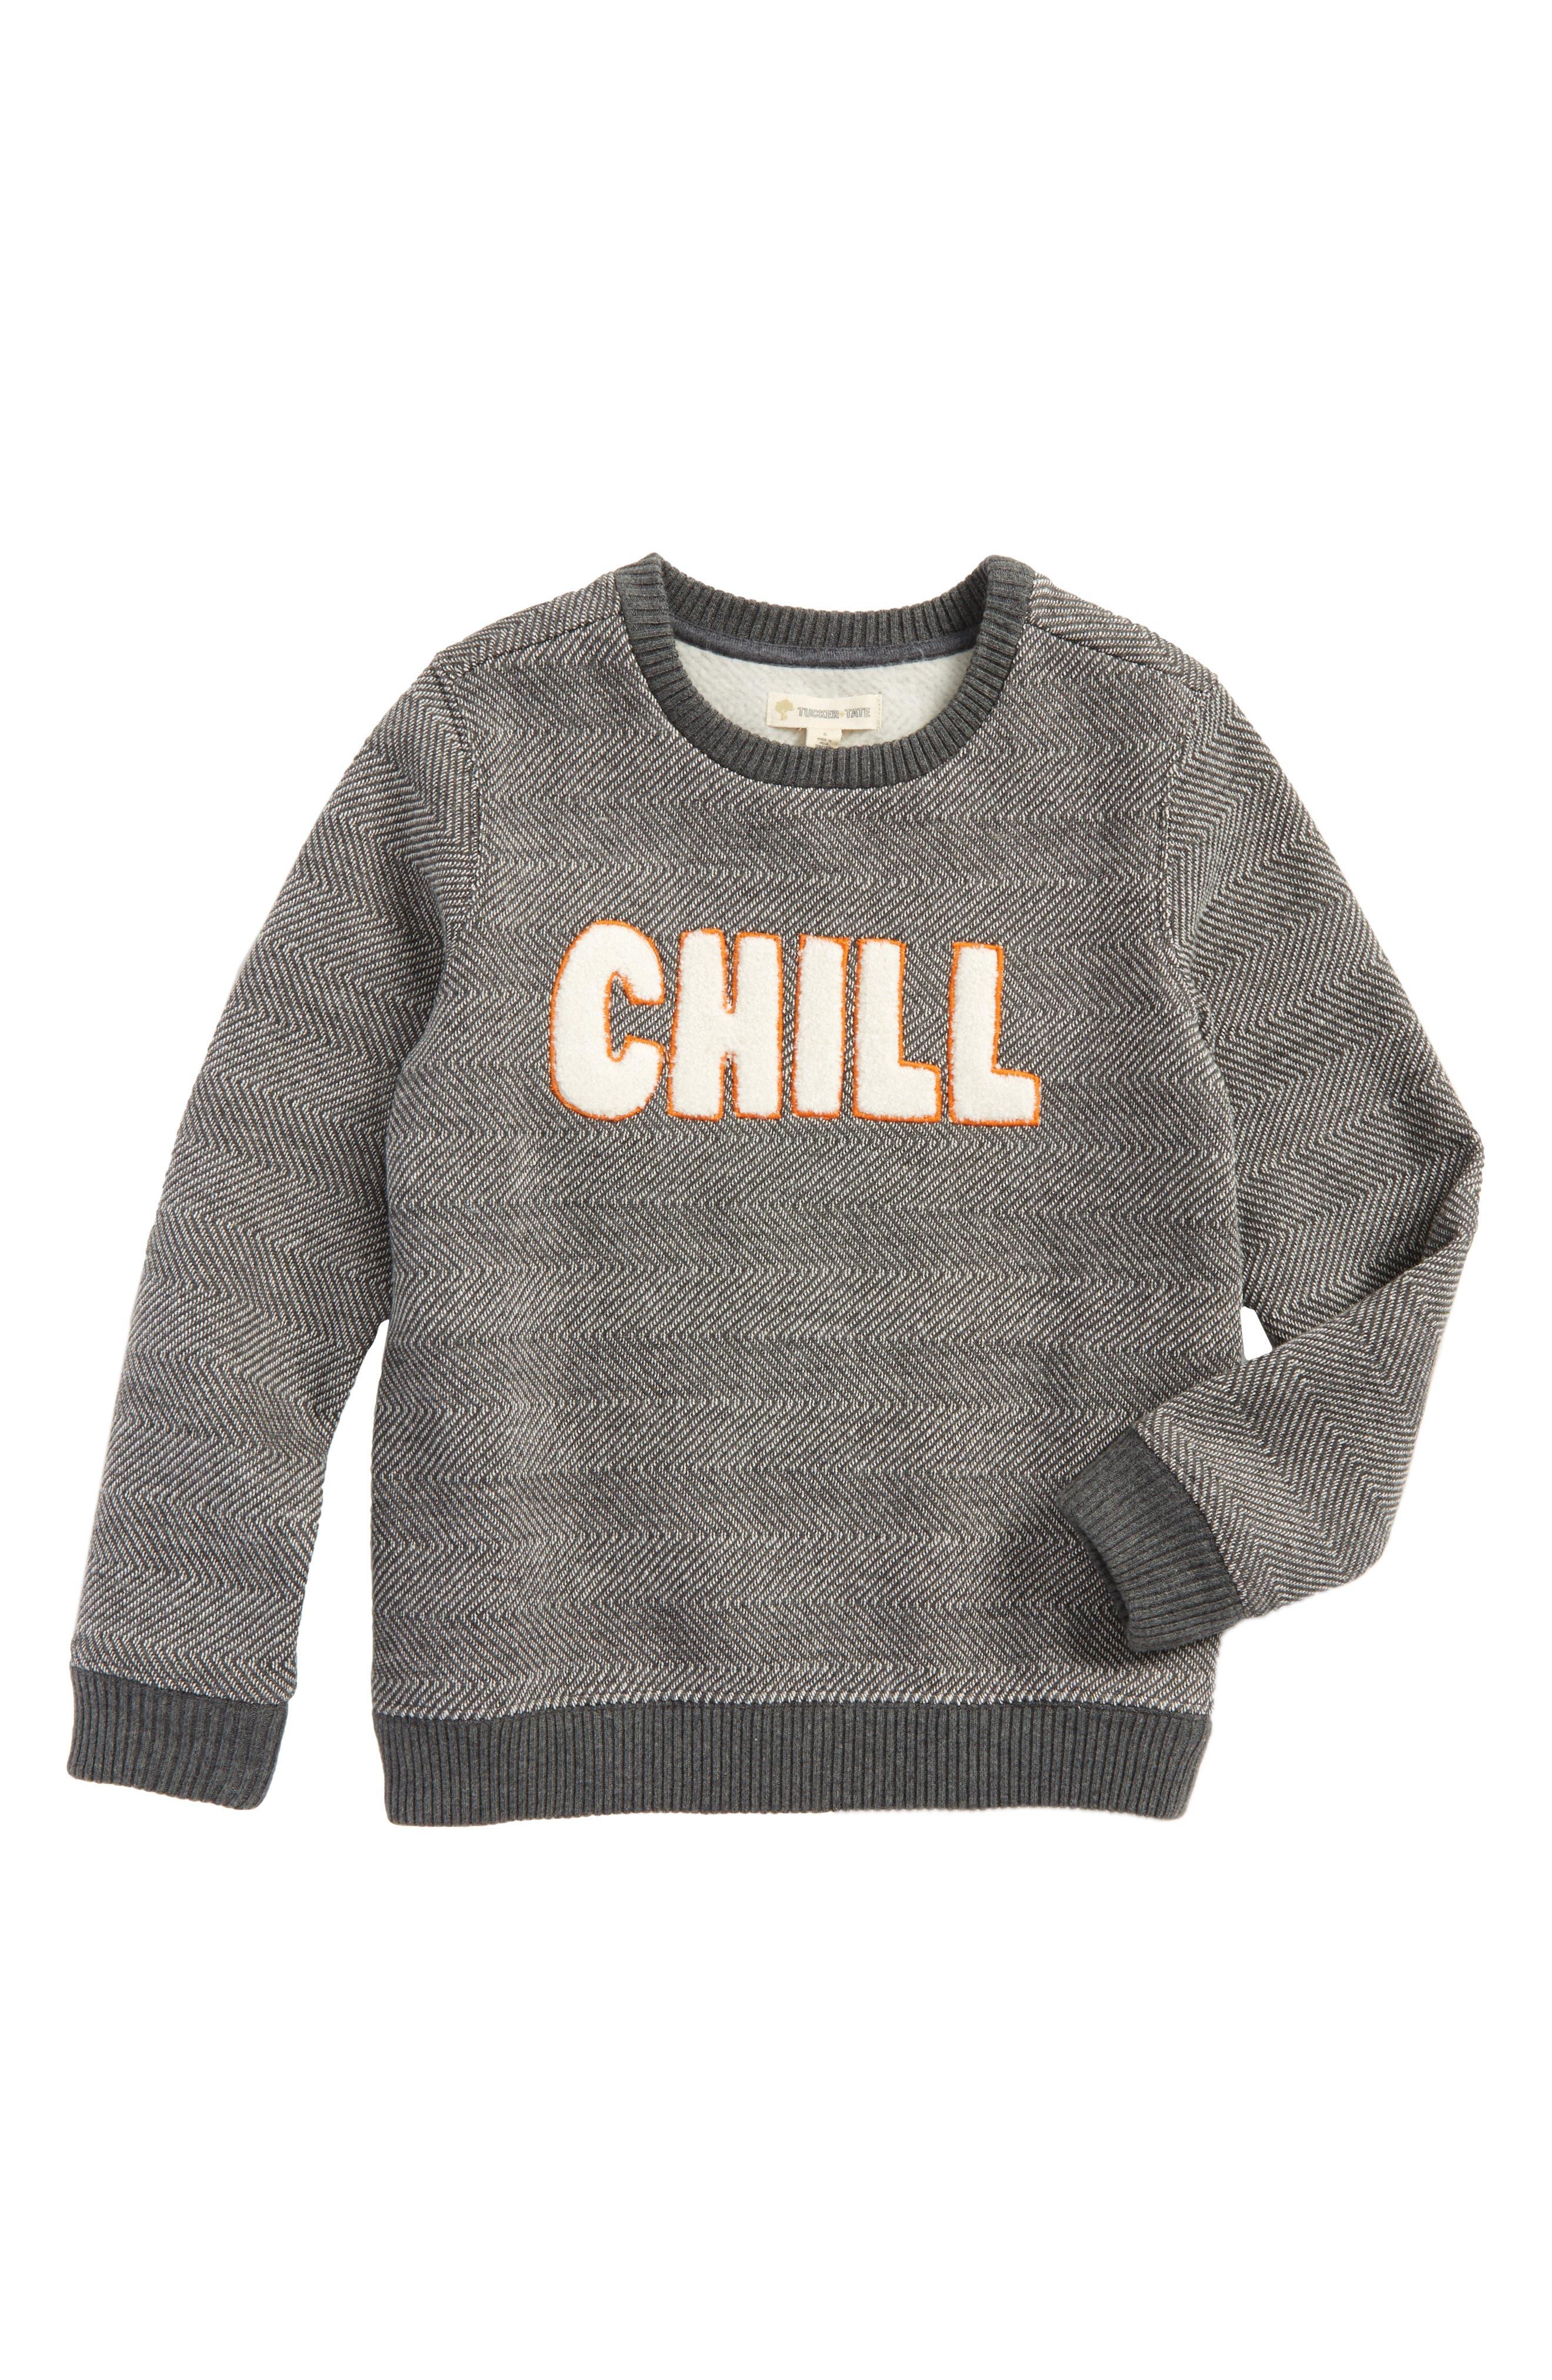 Fleece Sweatshirt,                         Main,                         color, Grey Castlerock Chill